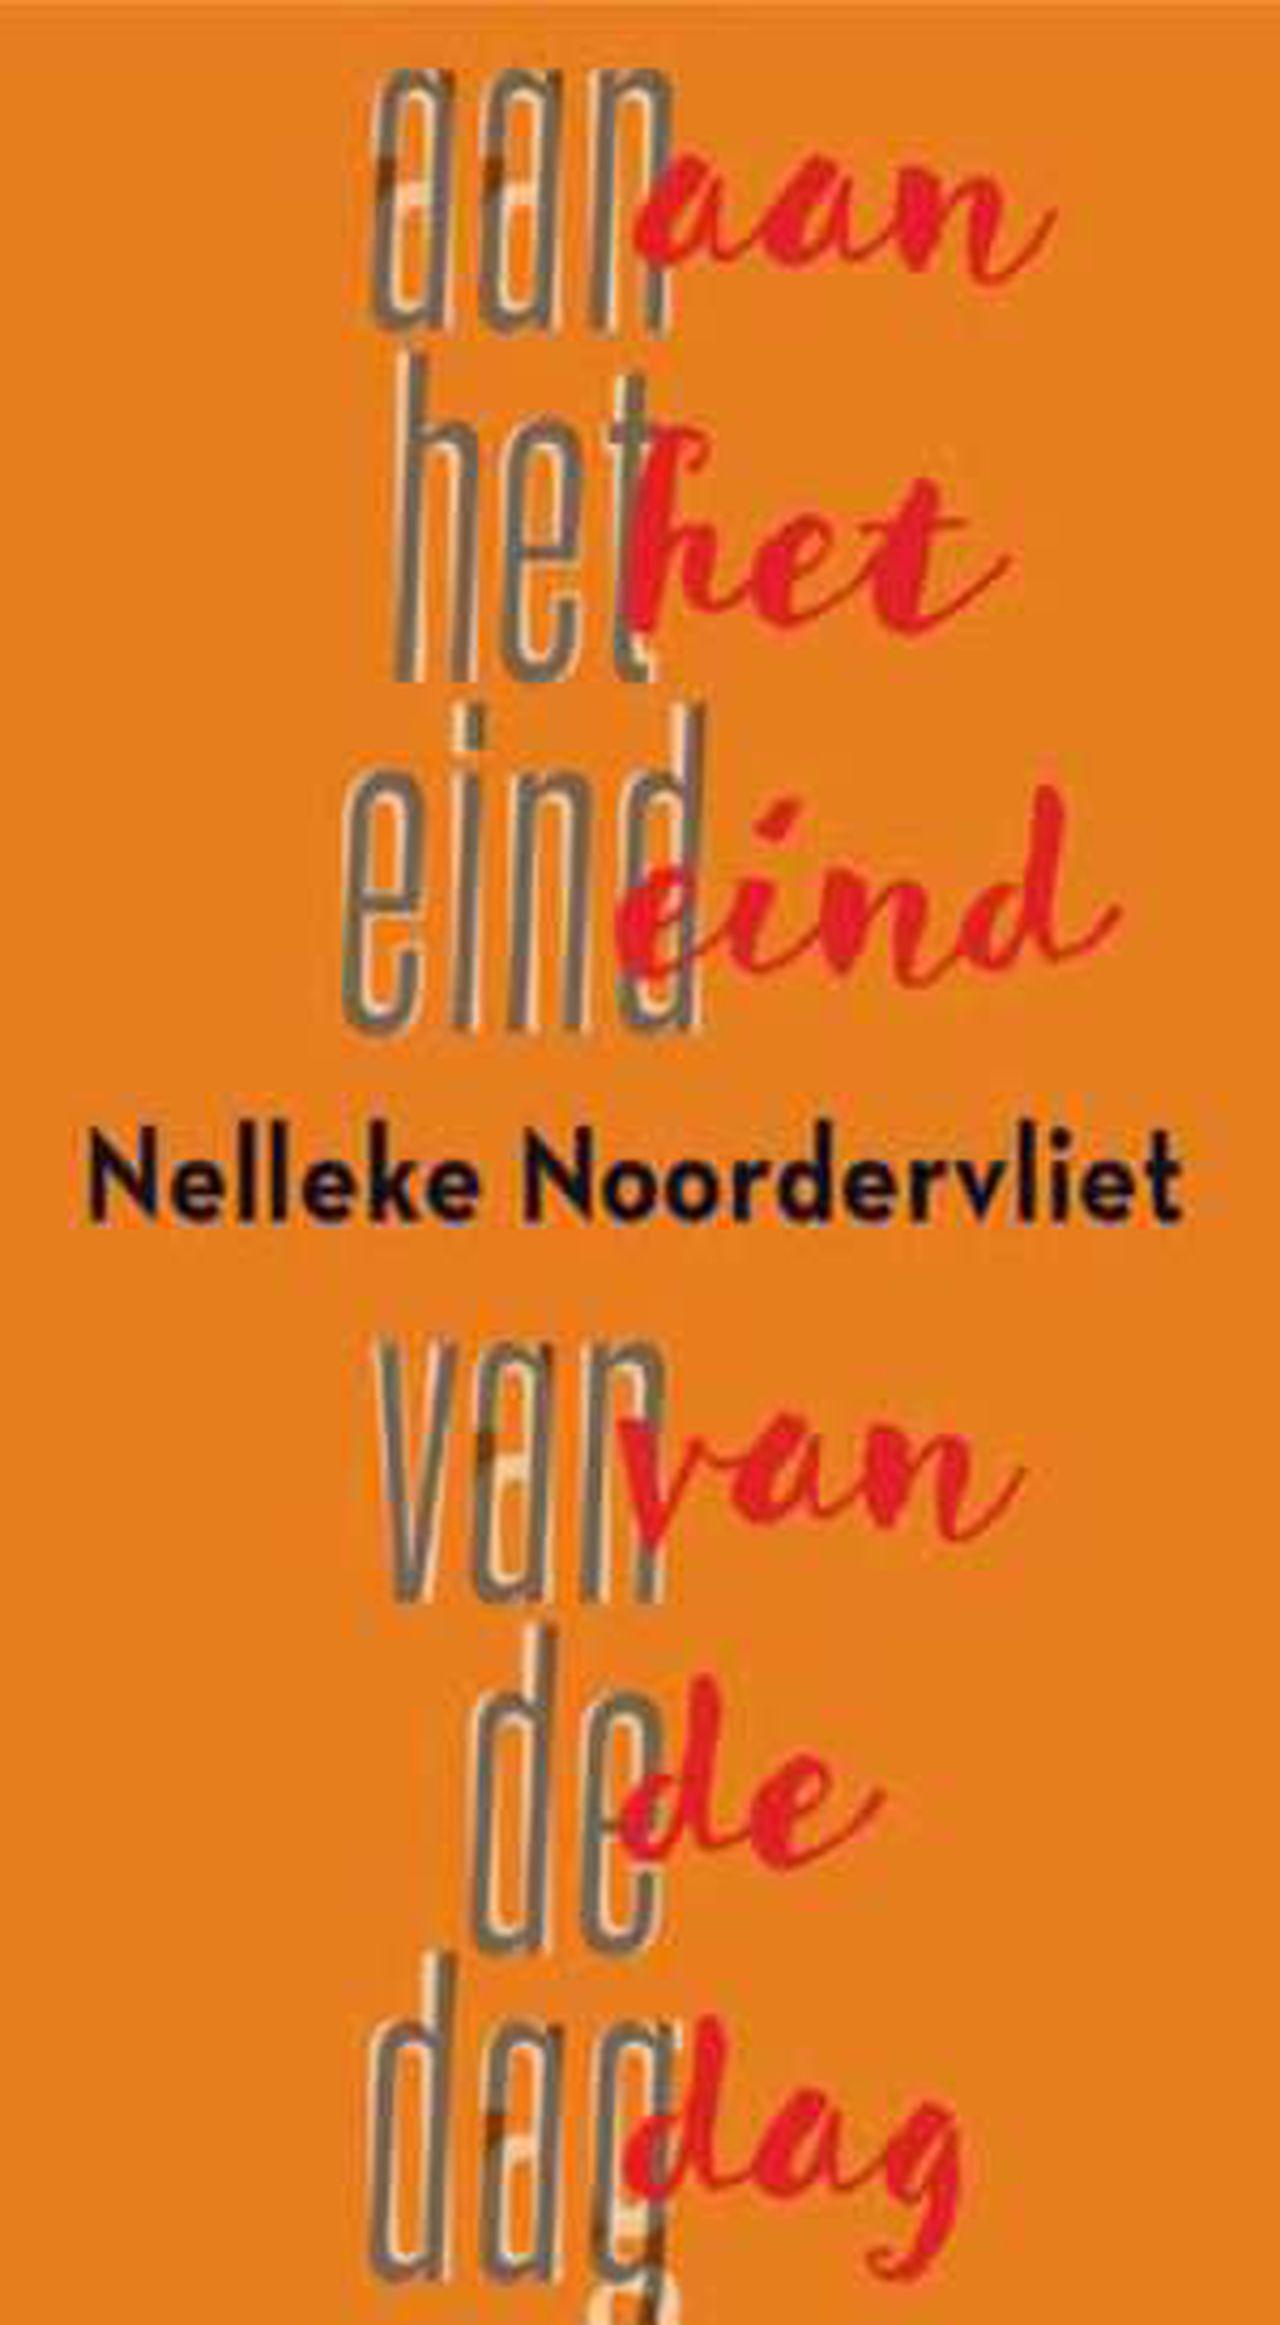 https://pratenoverromanfragmenten.nl/wp-content/uploads/2017/06/cover-4-Nelleke-Noordervliet-Aan-het-eind-van-de-dag.jpg